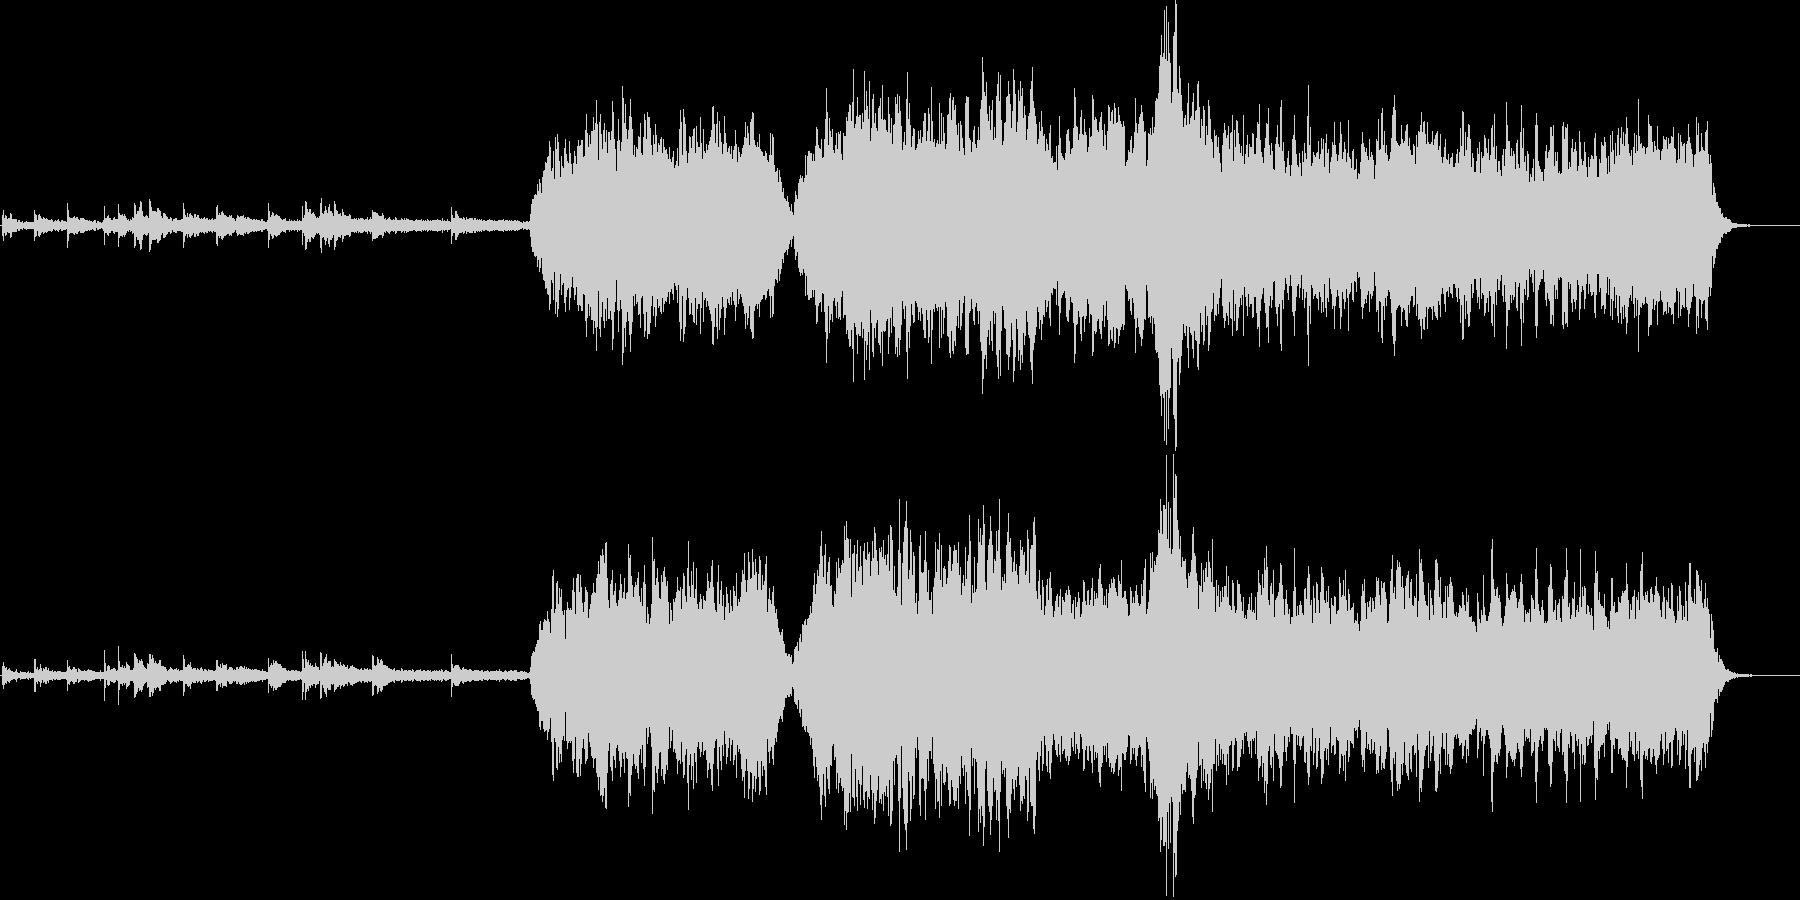 心洗われる神秘的なヒーリングミュージックの未再生の波形